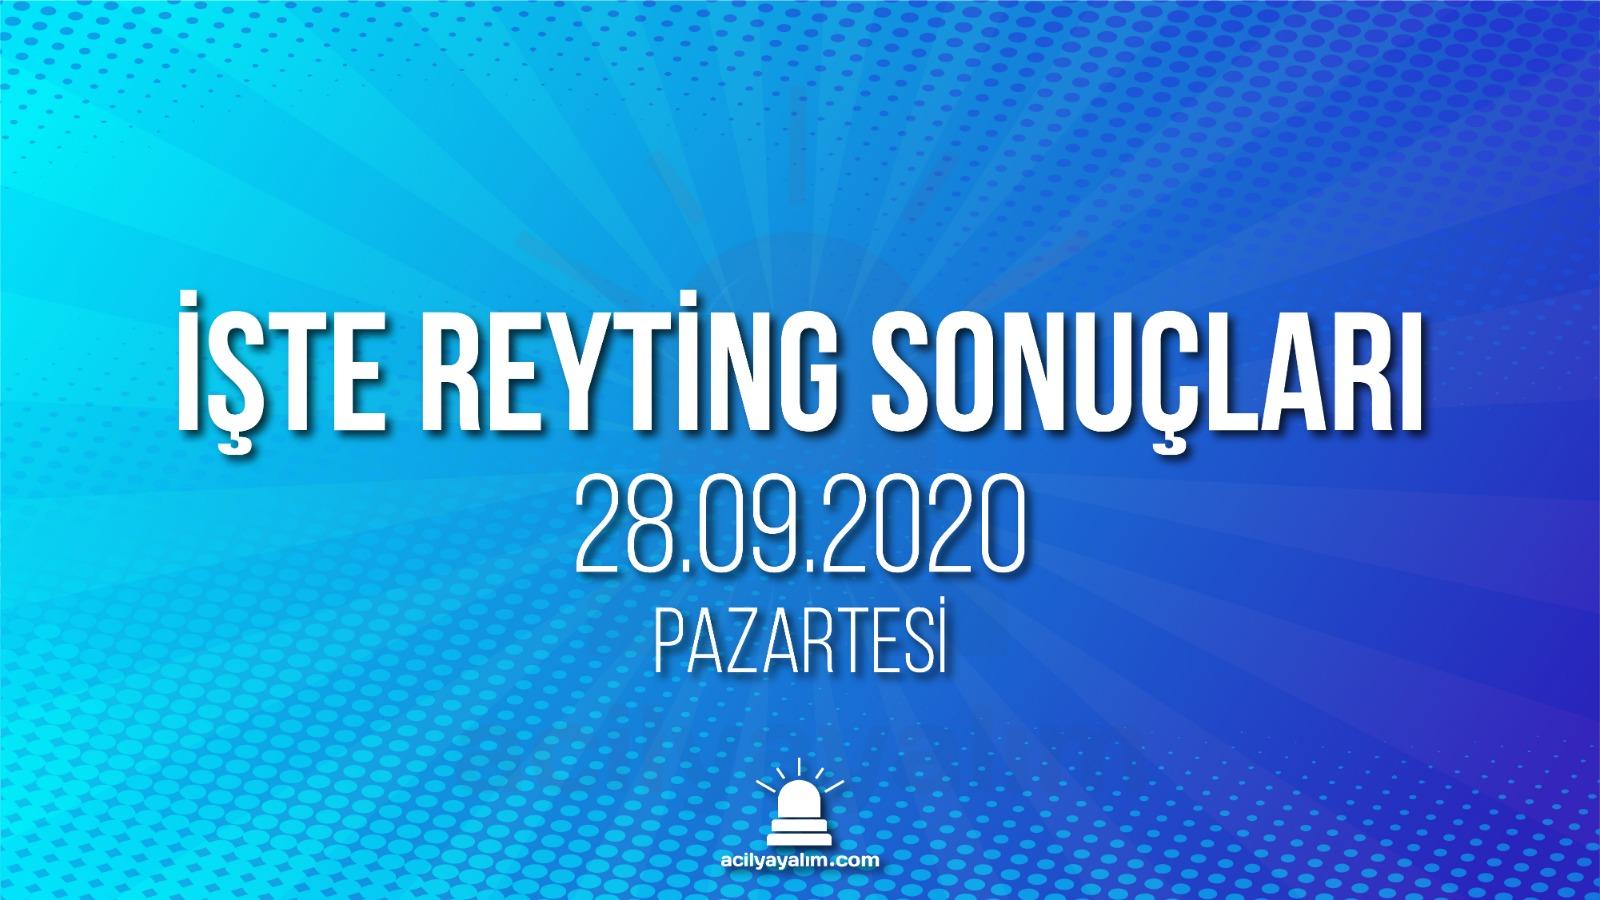 28 Eylül 2020 Pazartesi reyting sonuçları